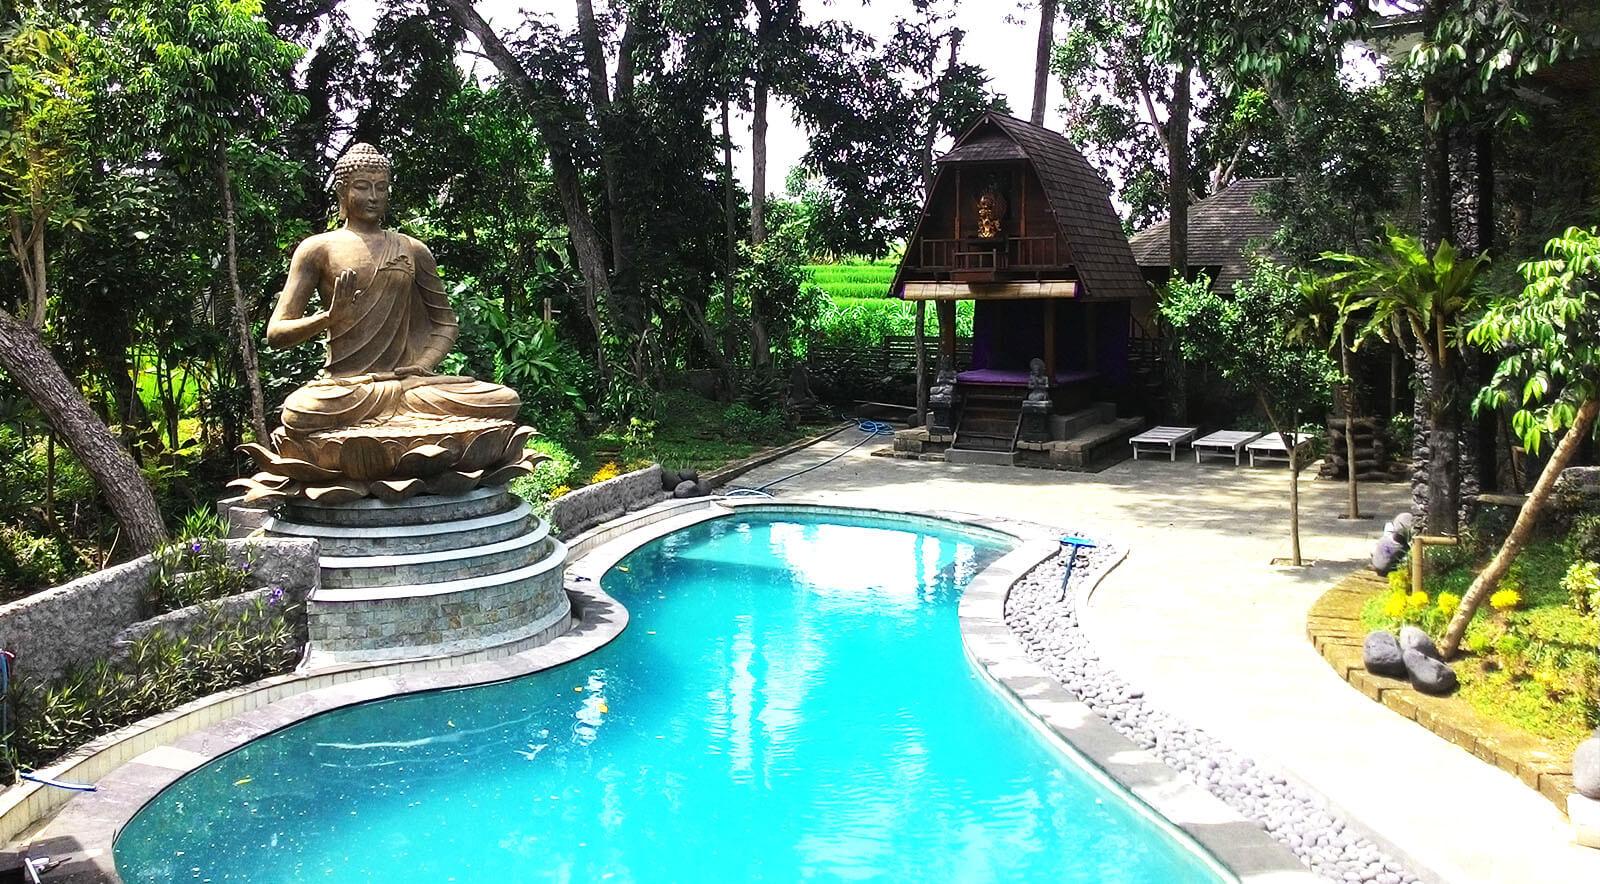 Bali Chy Healing